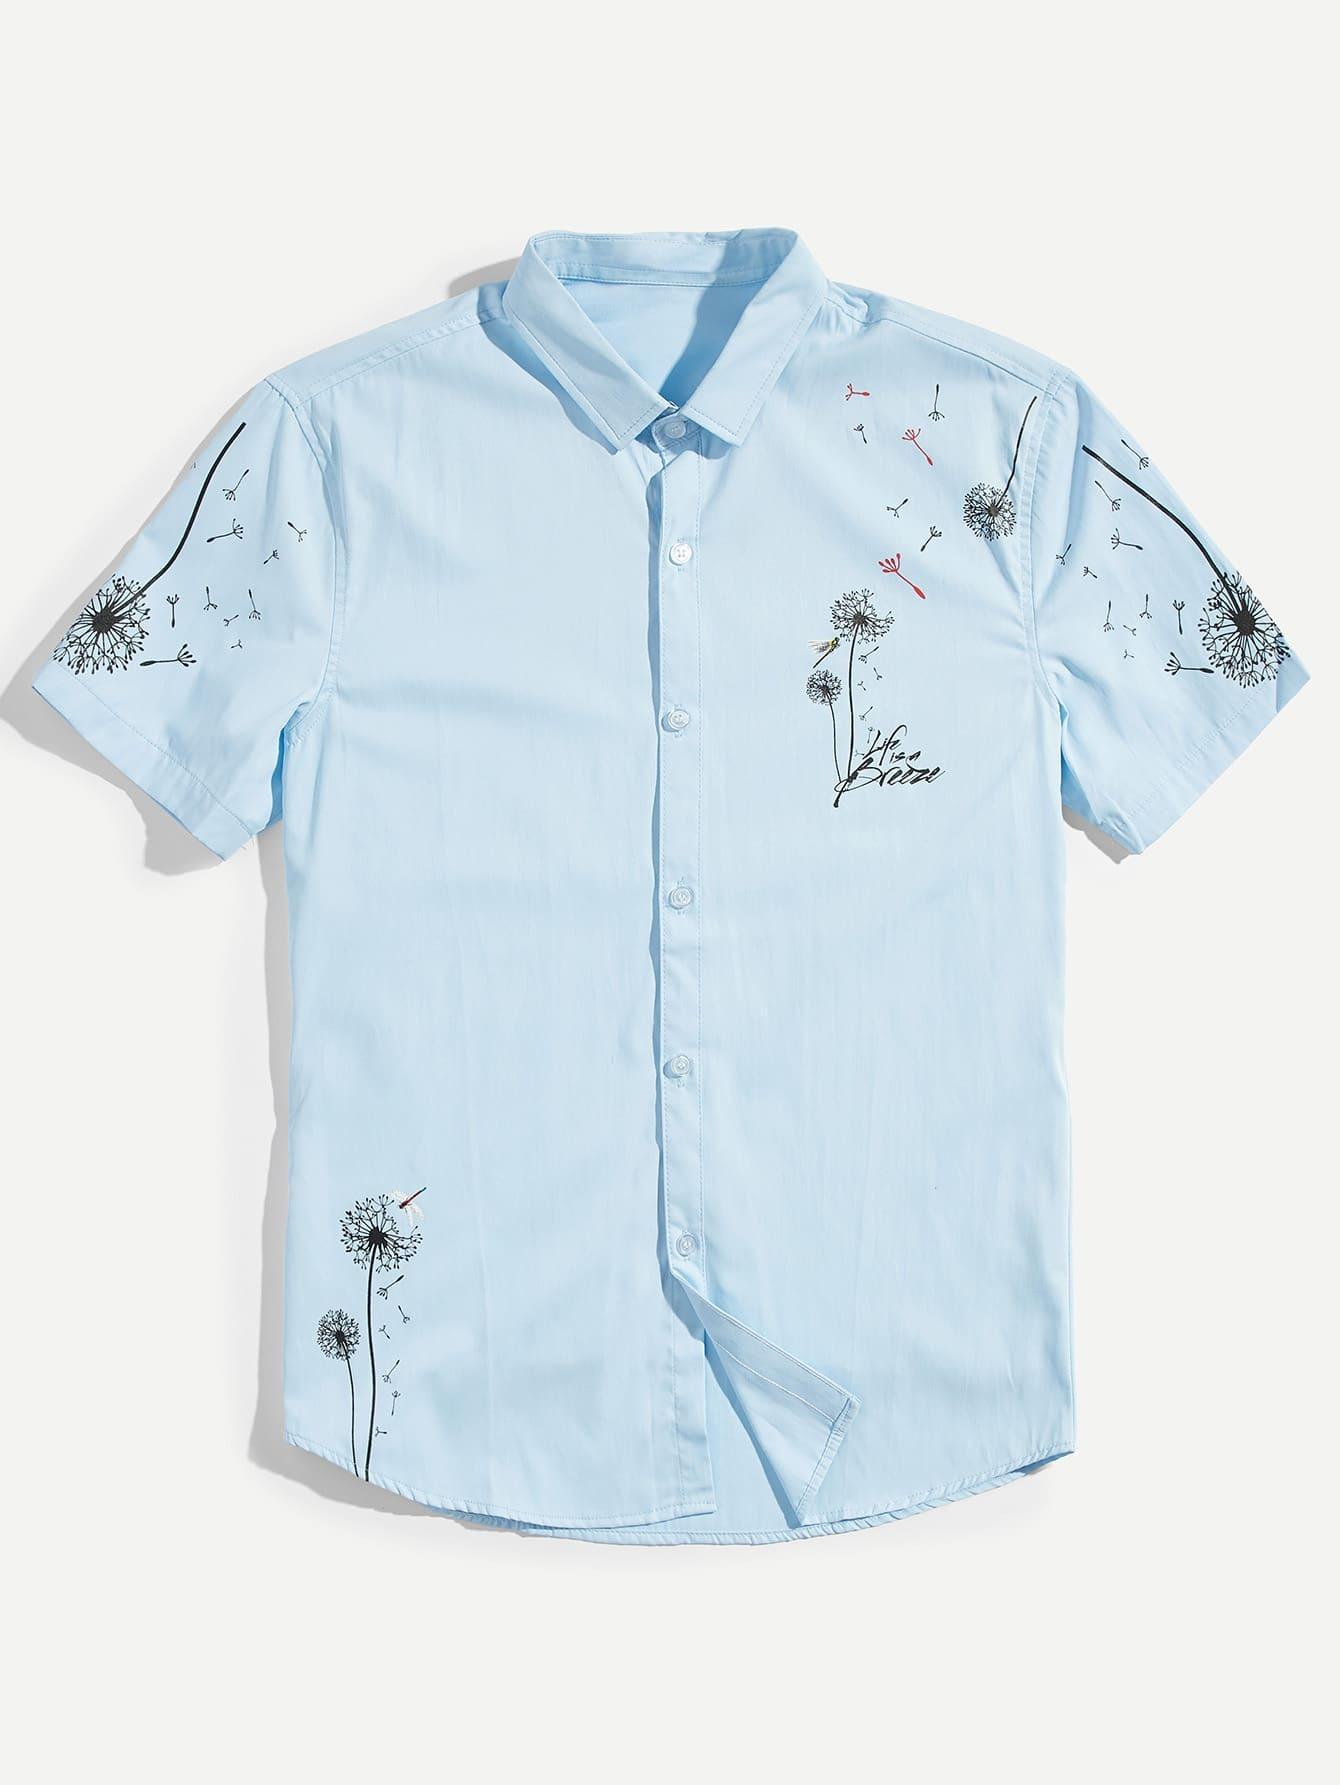 Купить Мужская рубашка для печати «Одуванчик», null, SheIn